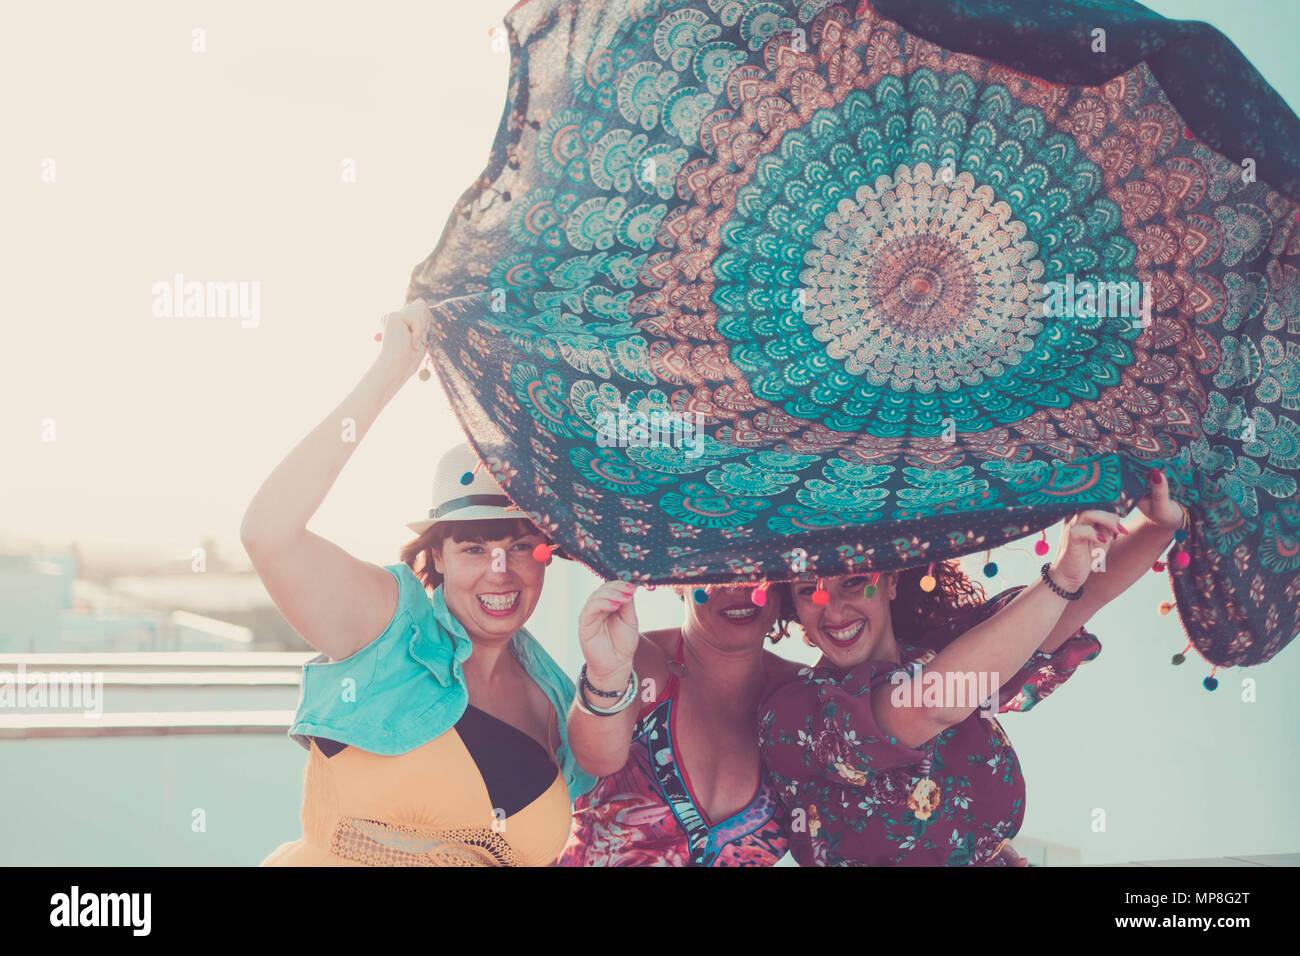 Trois jeunes femmes belles dames prennent un mandala textile au-dessus de la tête. jouant avec le vent en activité en plein air. L'été avec sun concept backligh Photo Stock